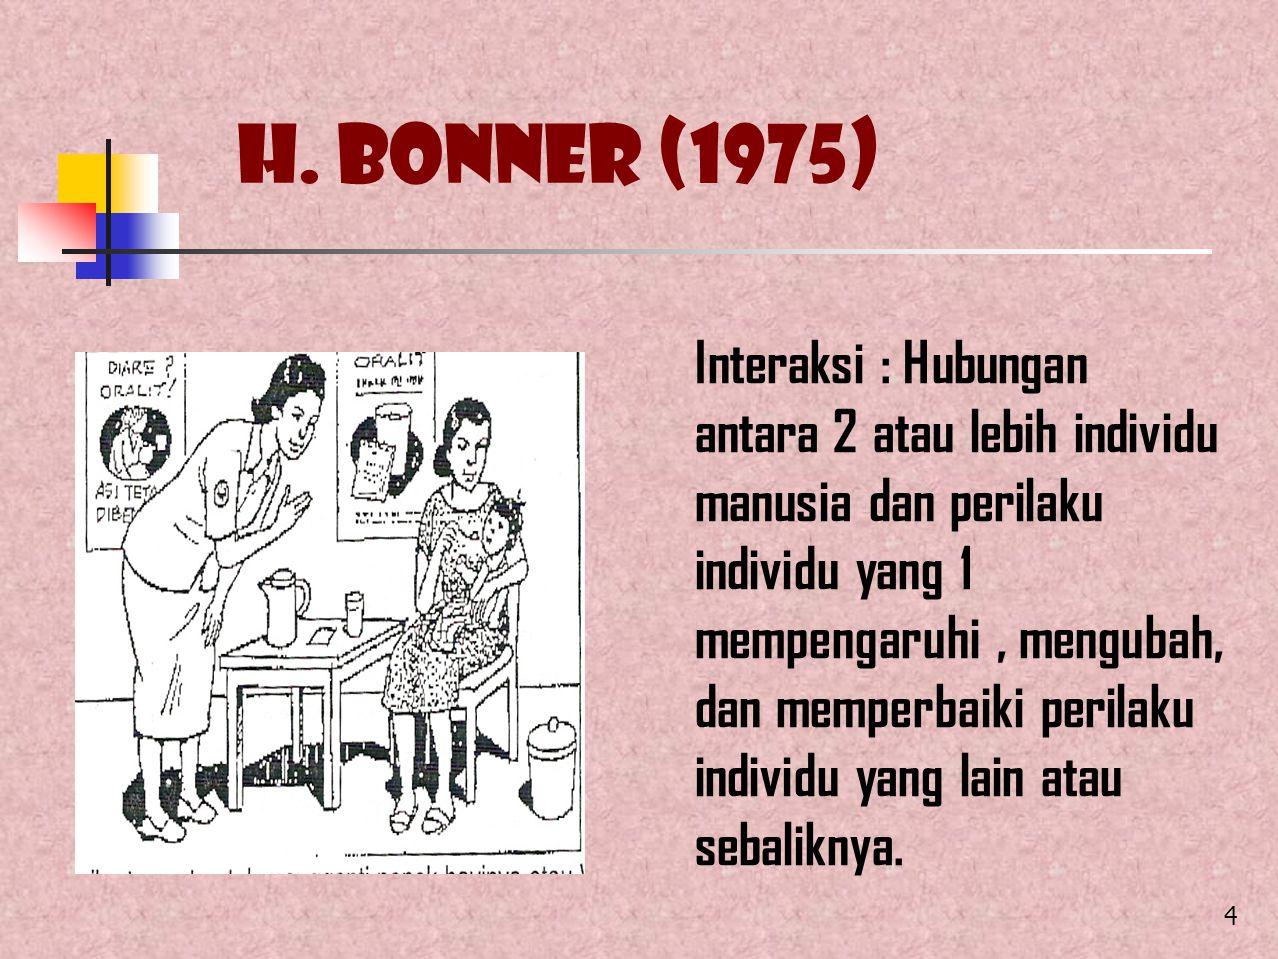 H. Bonner (1975)